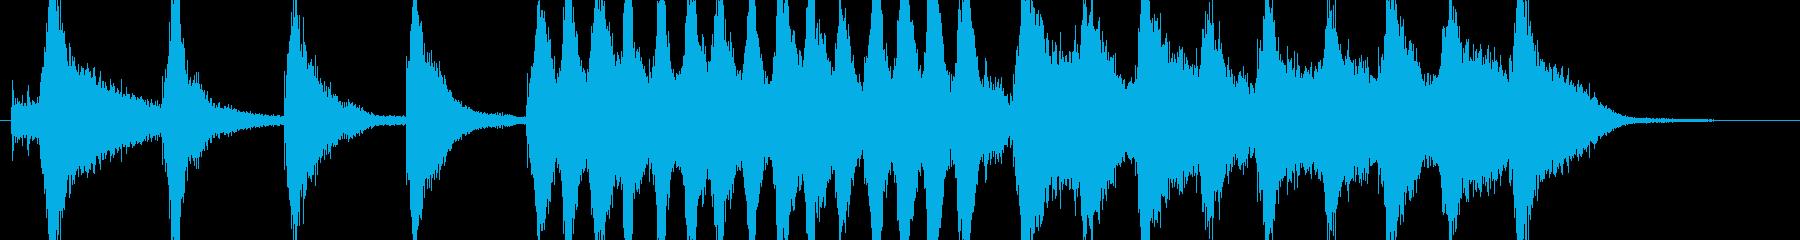 オーケストラ、マーチのんの再生済みの波形